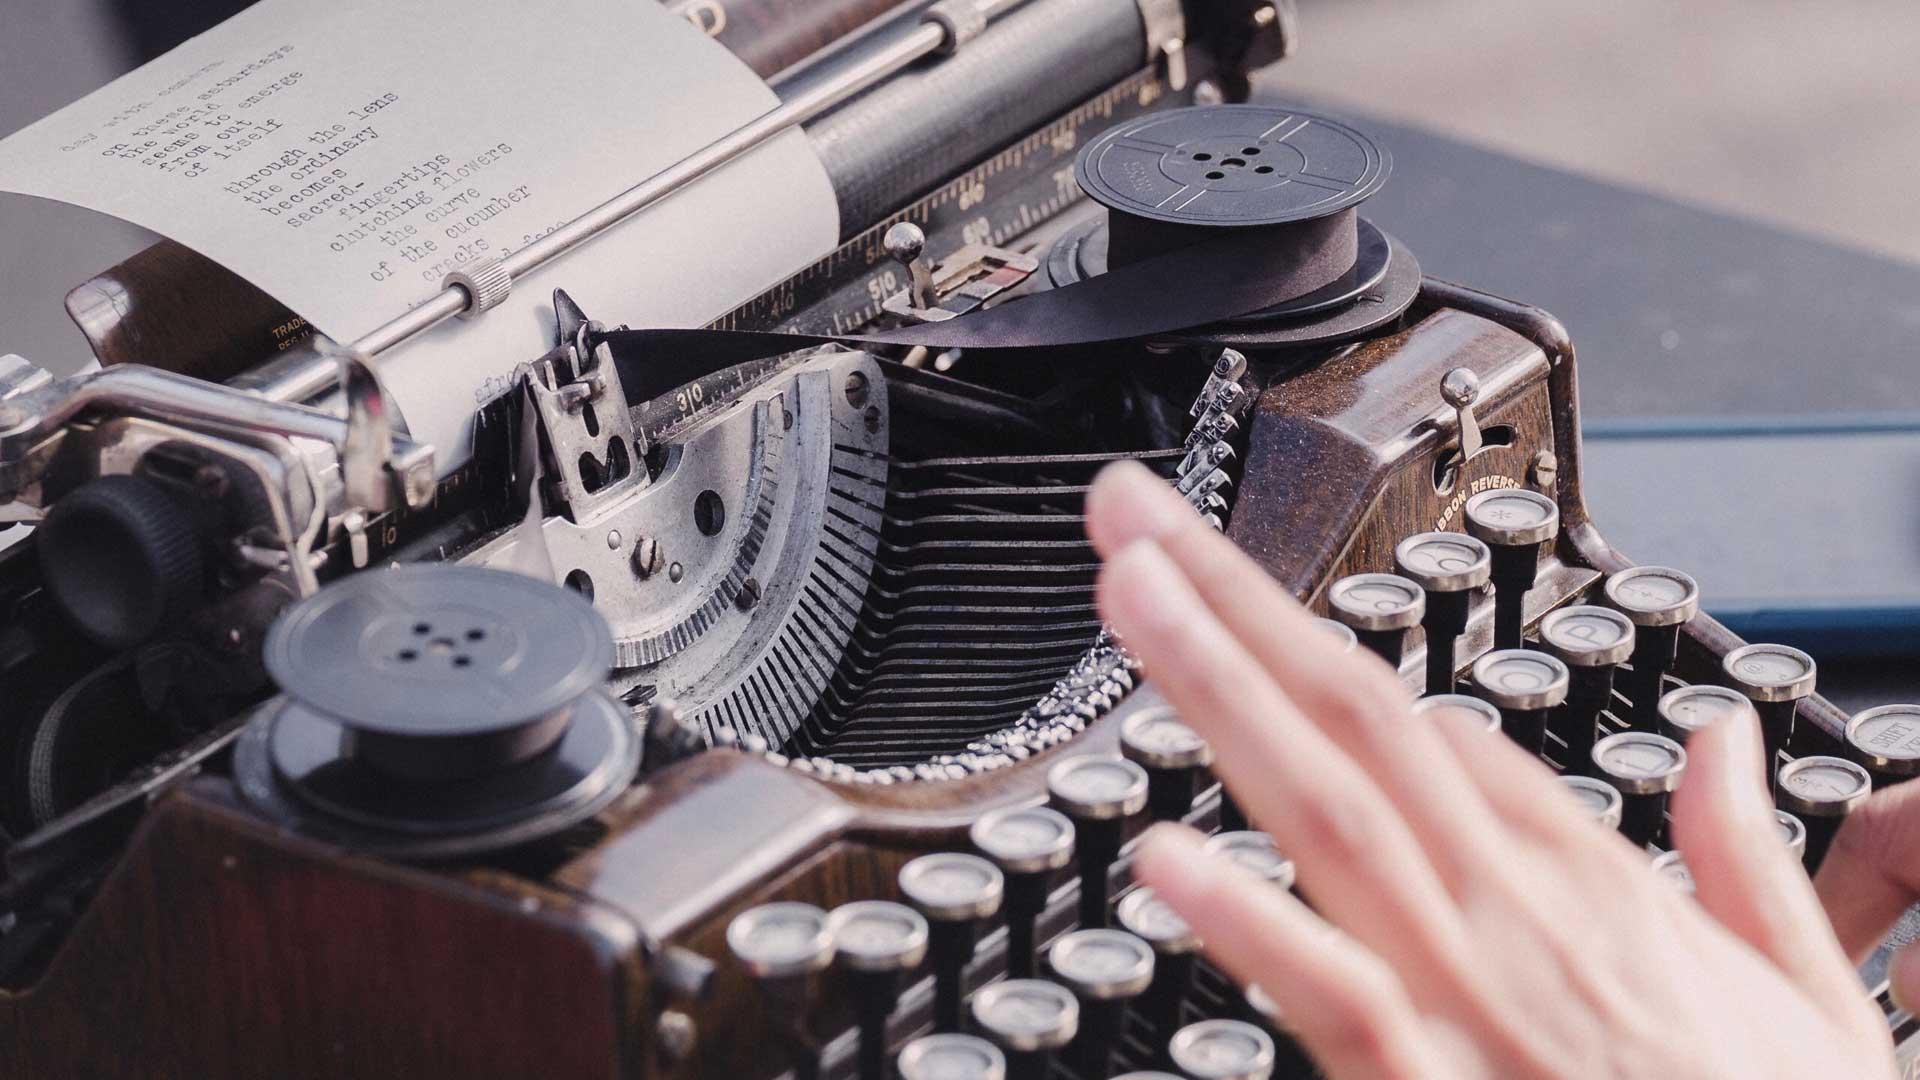 In den 1960er Jahren war es nicht selbstverständlich, dass eine Frau einer schriftstellerischen Tätigkeit nachgehen konnte. (Foto: David Klein on Unsplash)